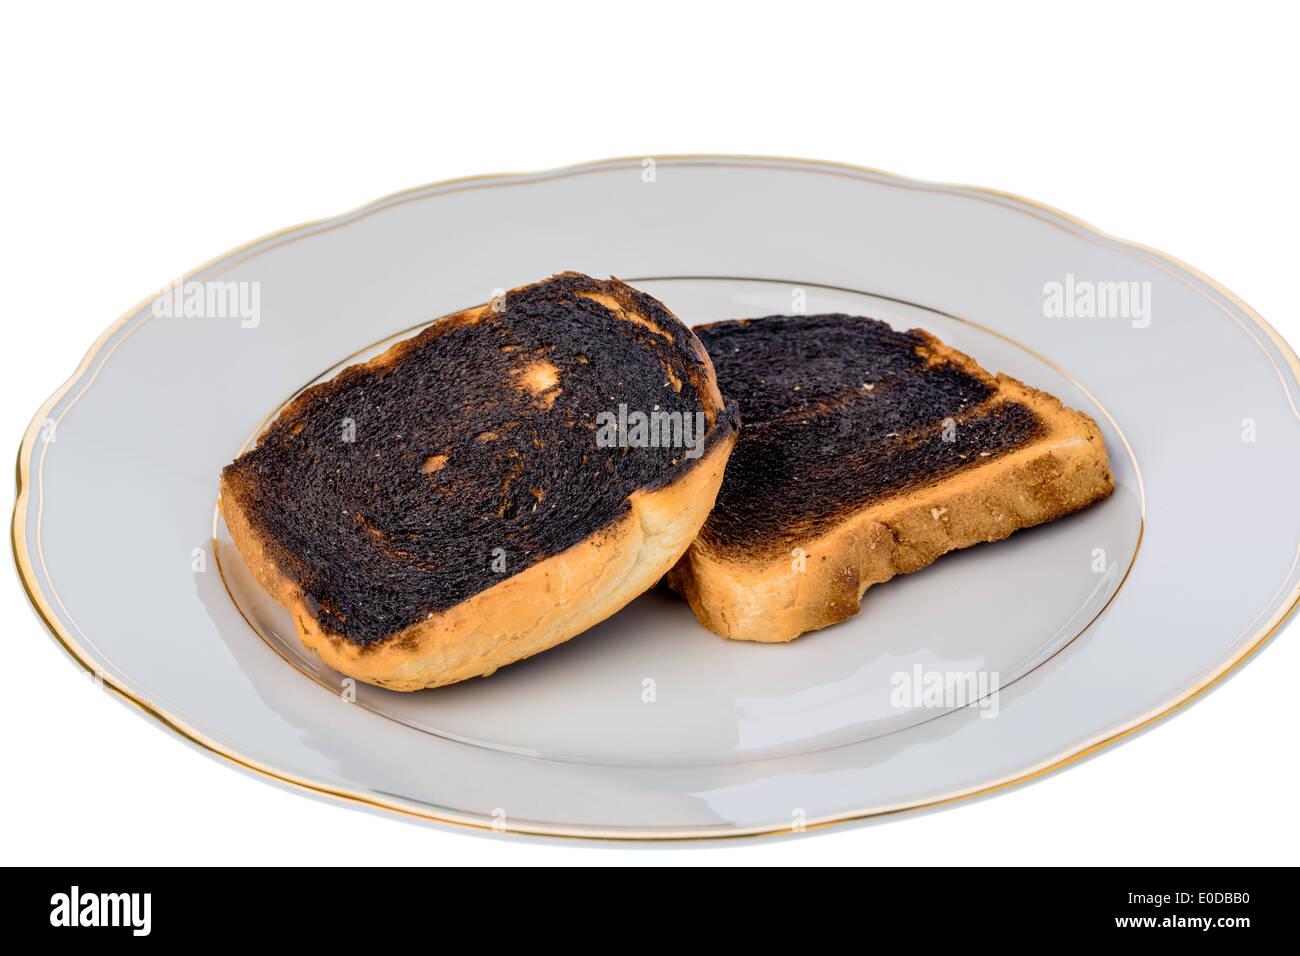 Tostar Pan se convirtió en burntly. Brindis Burntly discos con el desayuno, Toastbrot wurde beim toasten verbrannt. Foto de stock